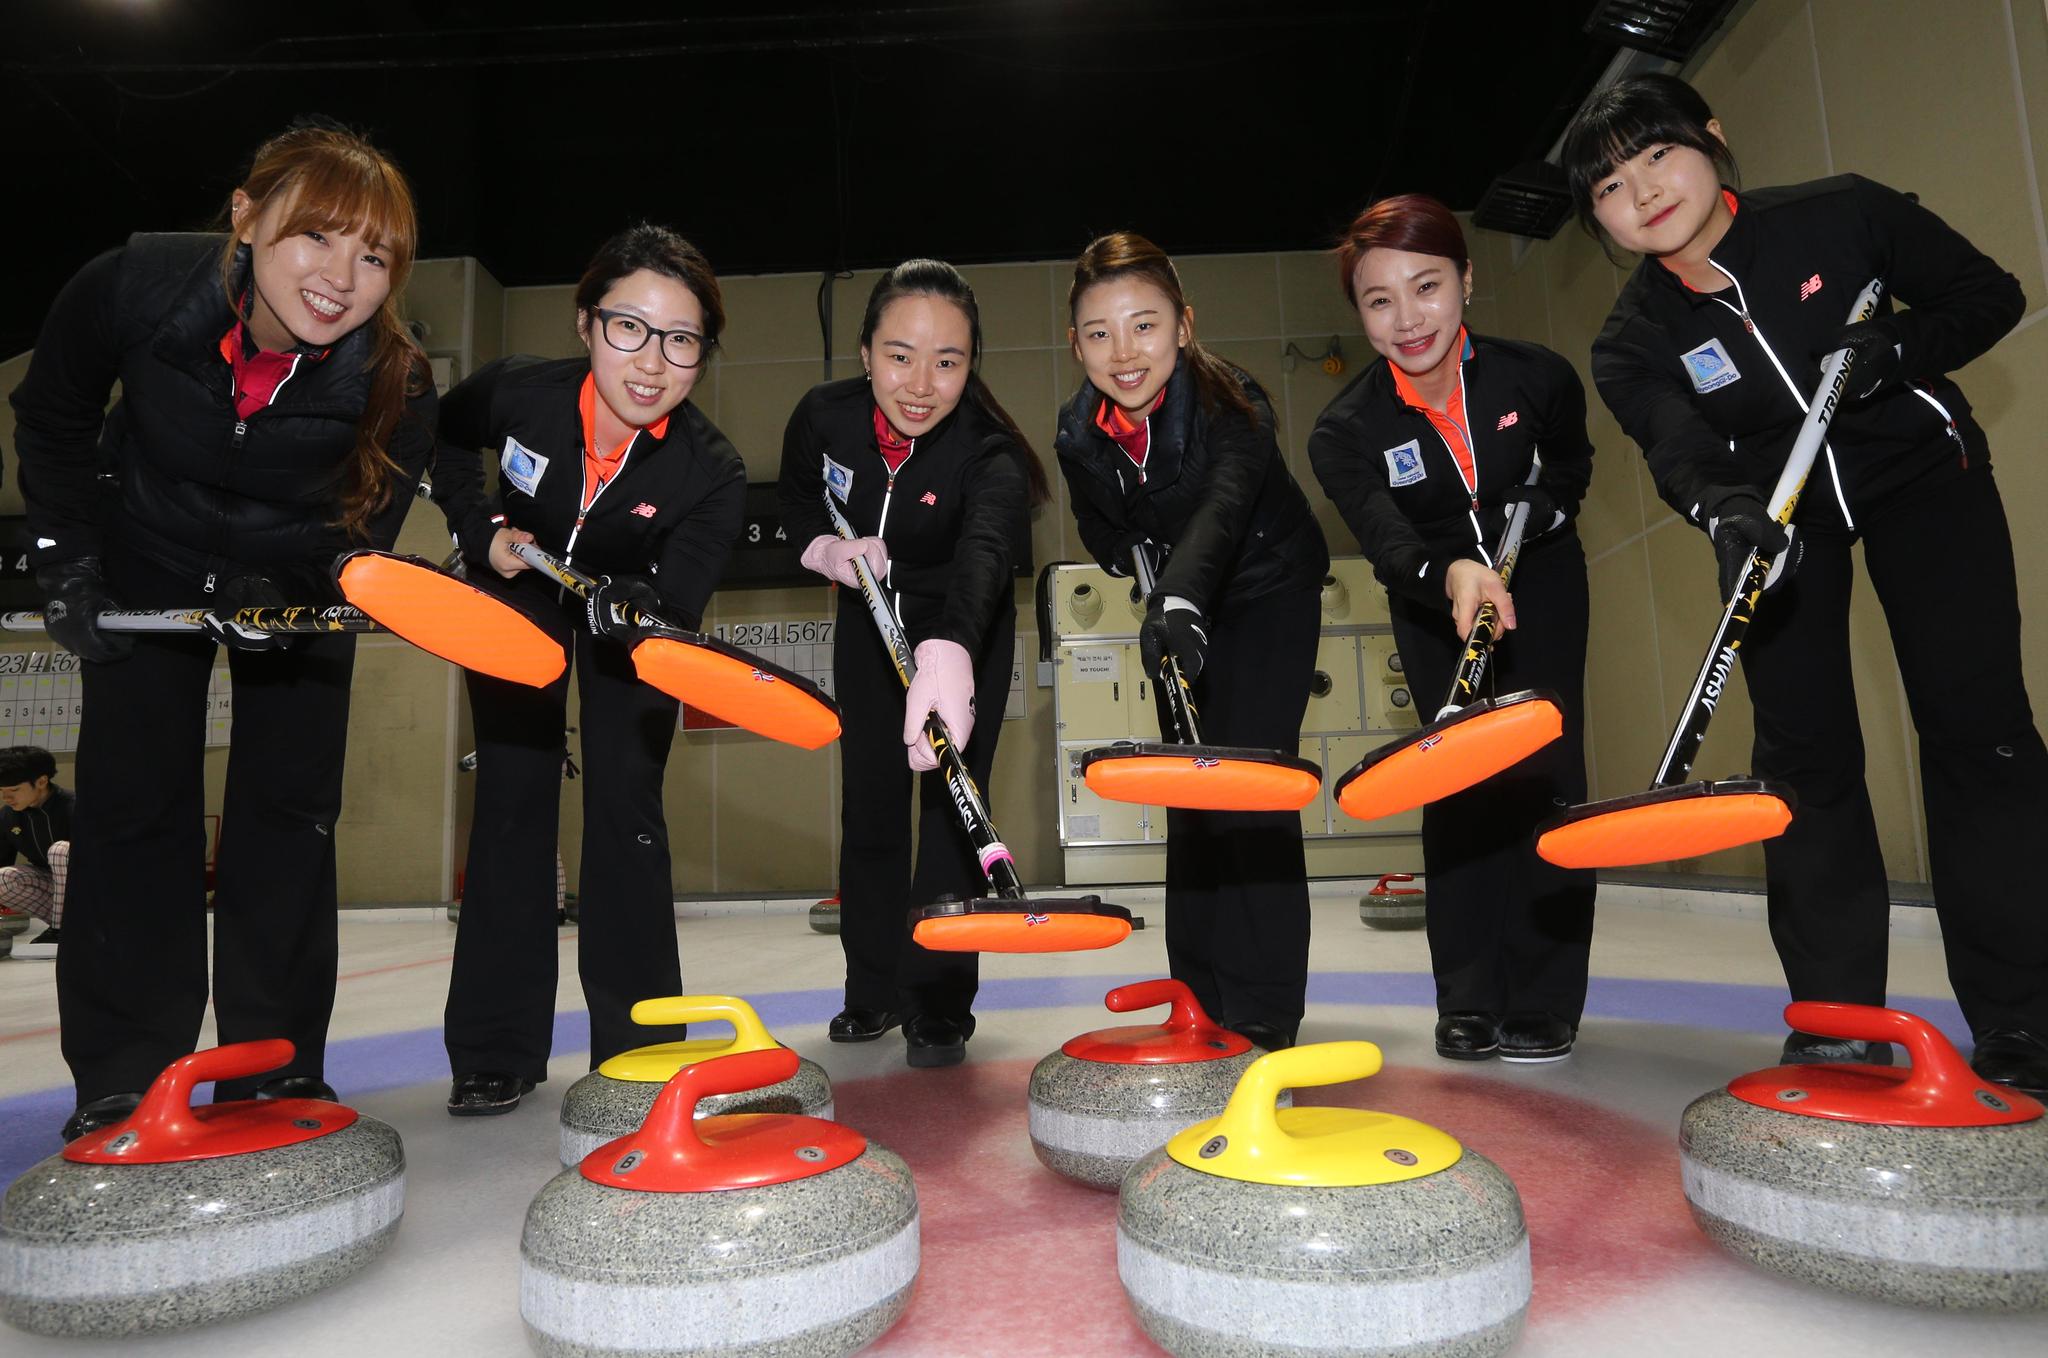 2015년 4월 당시 경기도청 선수들. 왼쪽부터 김은지 염윤정 김지선 이슬비 엄민지 설예은. 김상선 기자